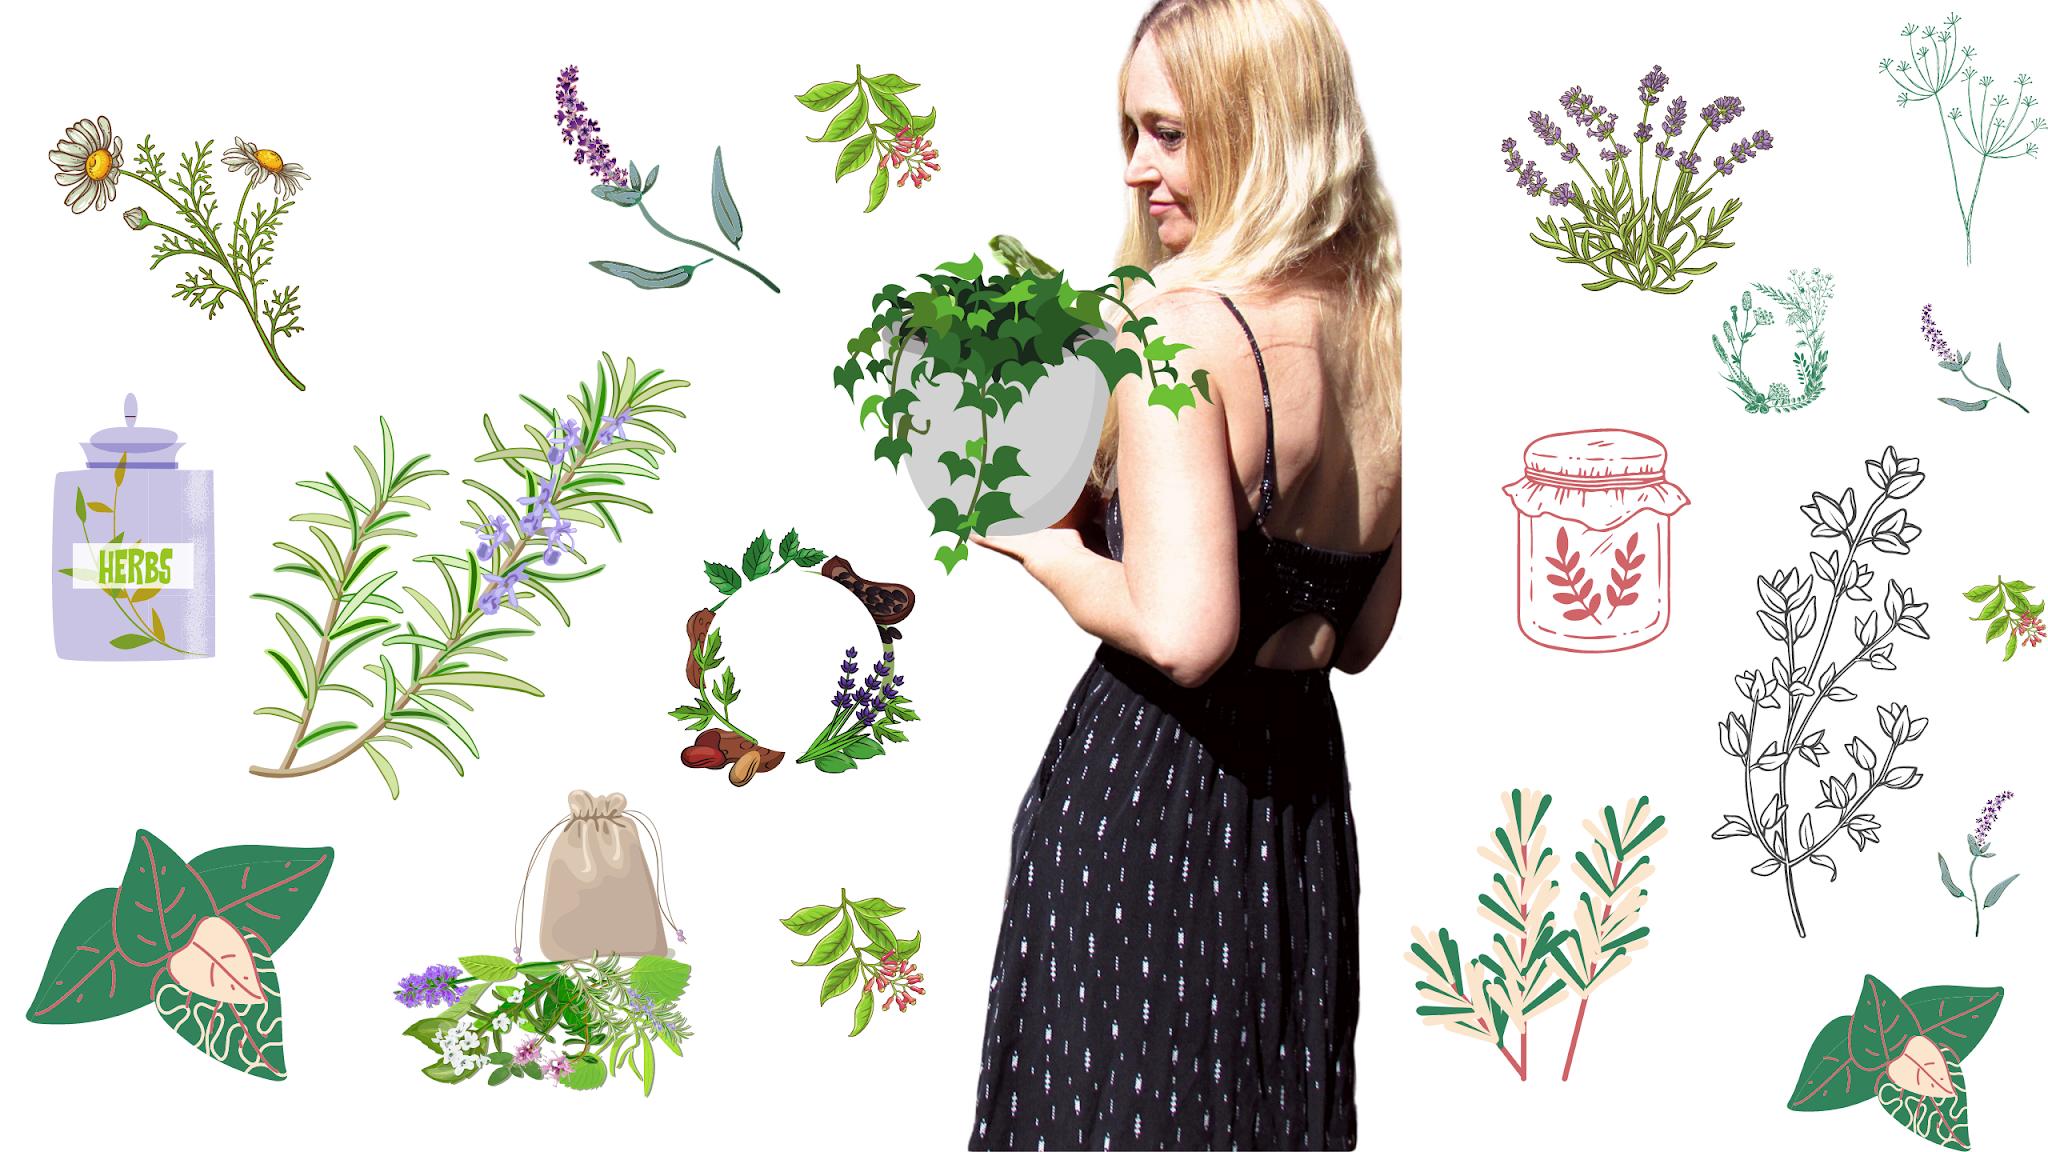 herbal leaves, herbal spell remedies, herbal green magic, green energy healing